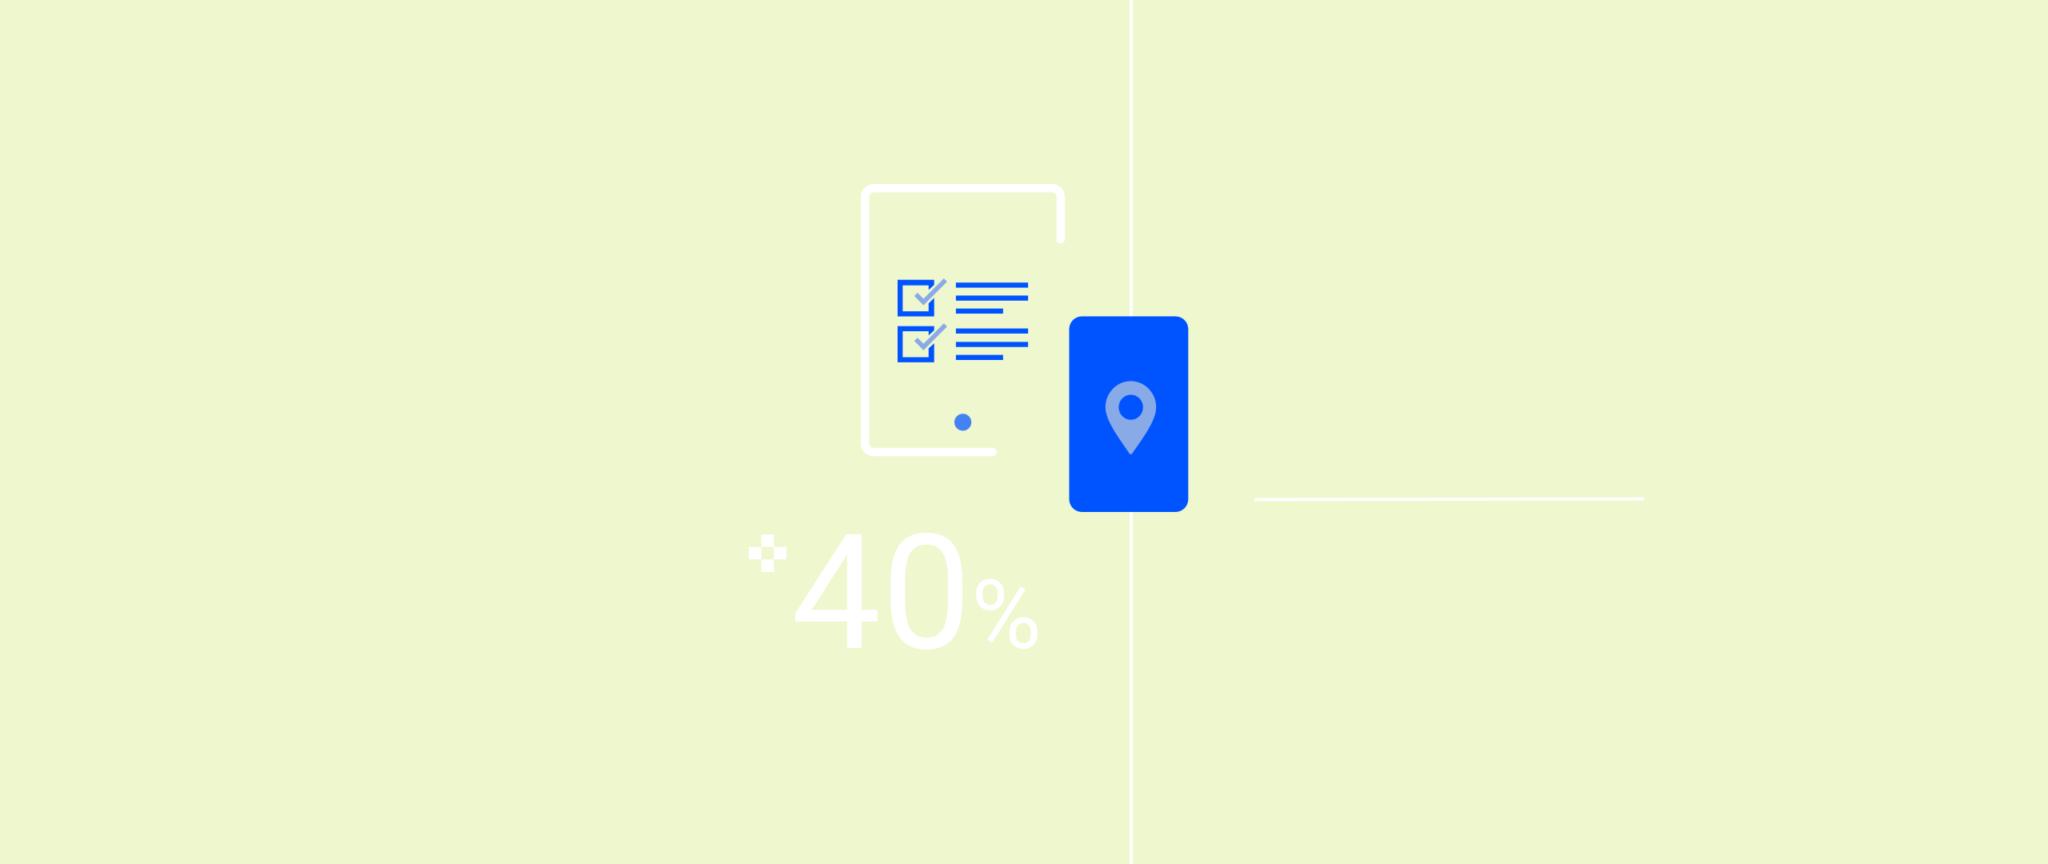 App ordem de serviço pode aumentar a produtividade em 40%